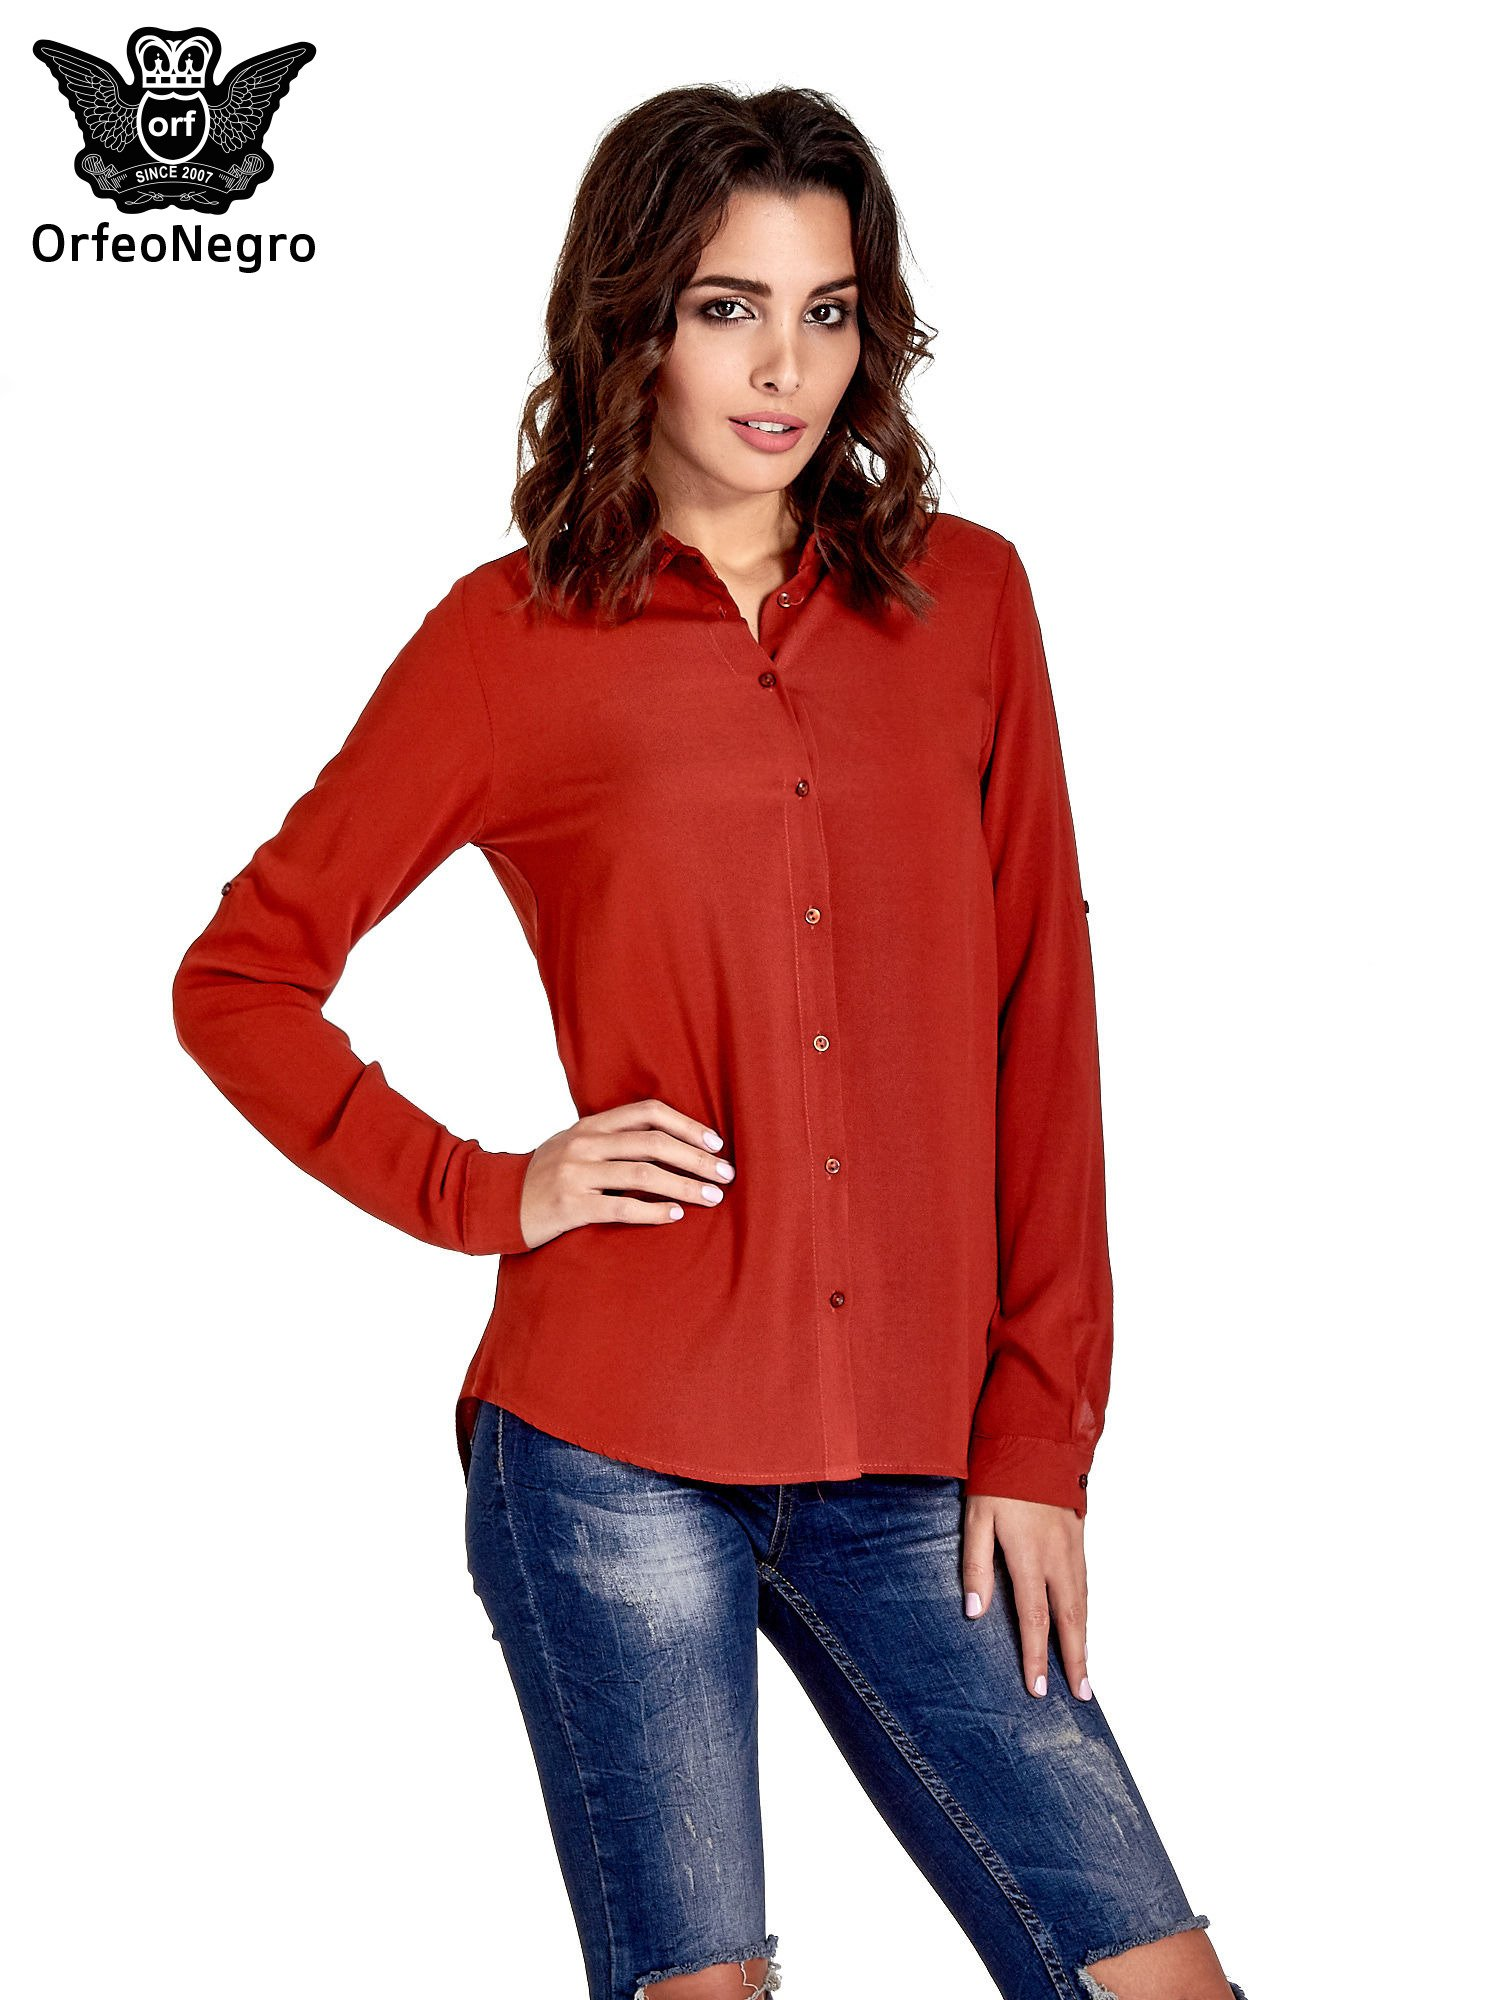 Czerwona koszula z haftowanym kołnierzykiem                                  zdj.                                  1